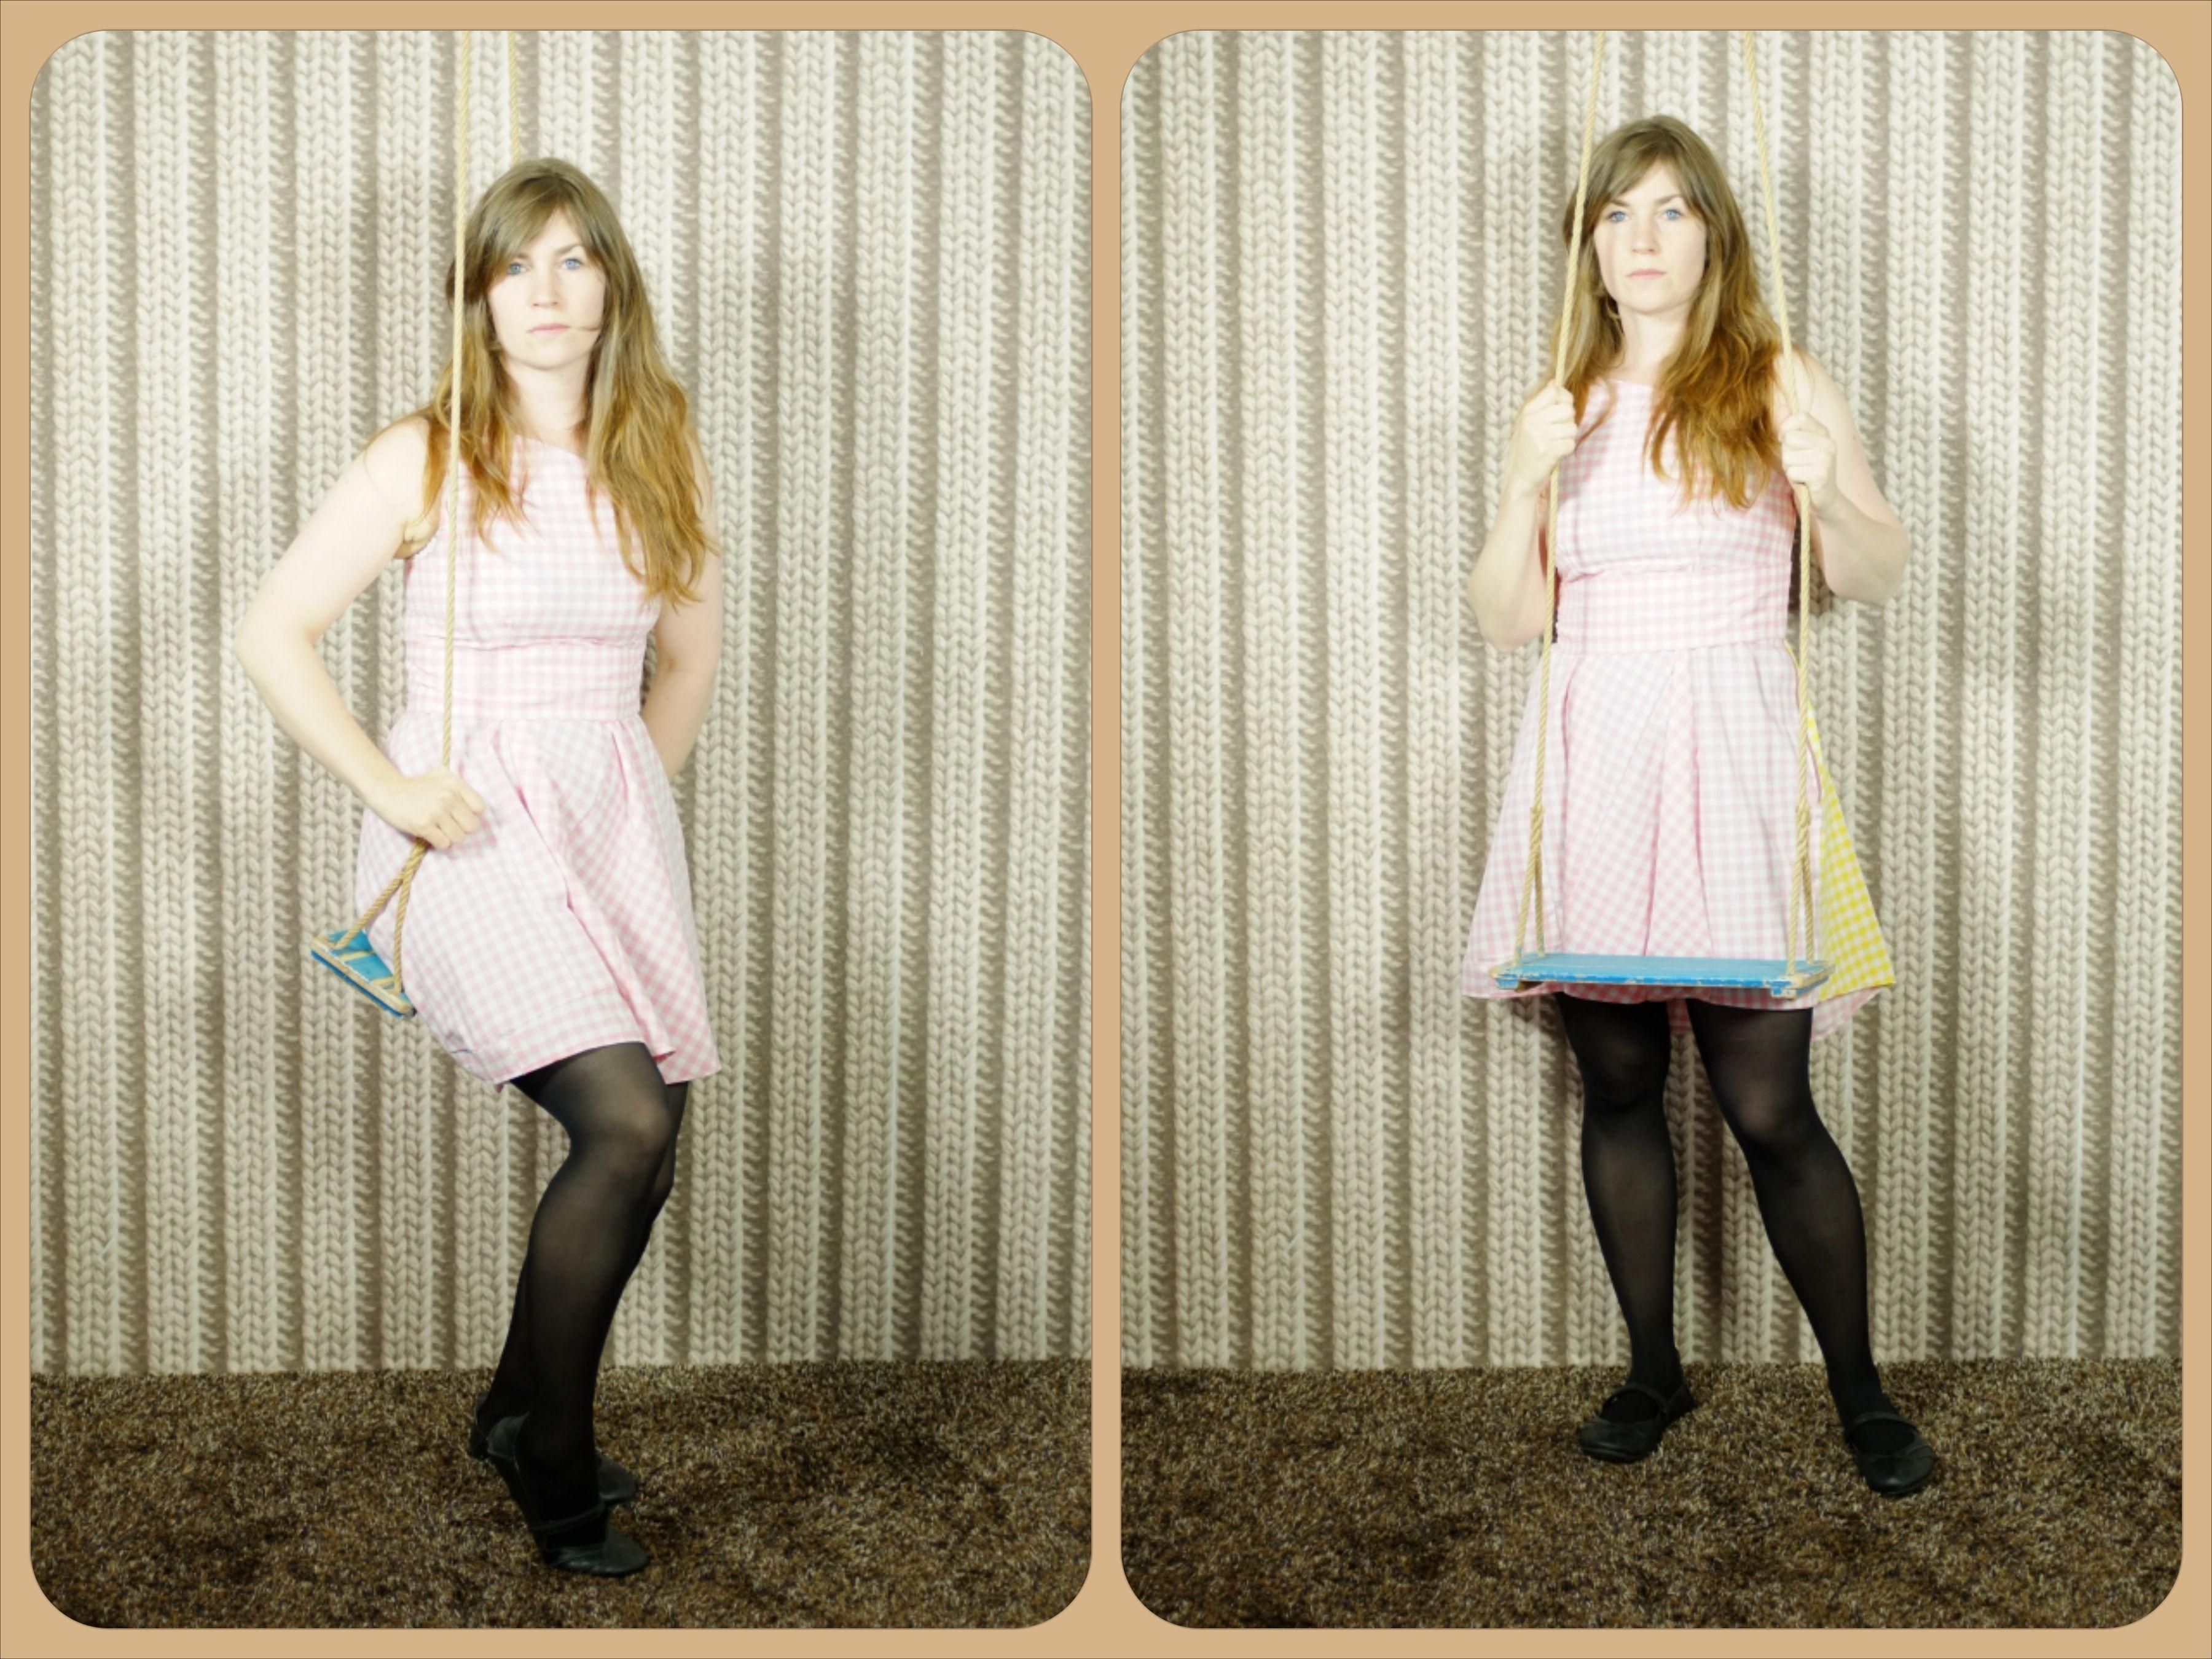 Séraphine création Berthe en Bottes.  robe vichy rose, esprit Brigitte Bardot